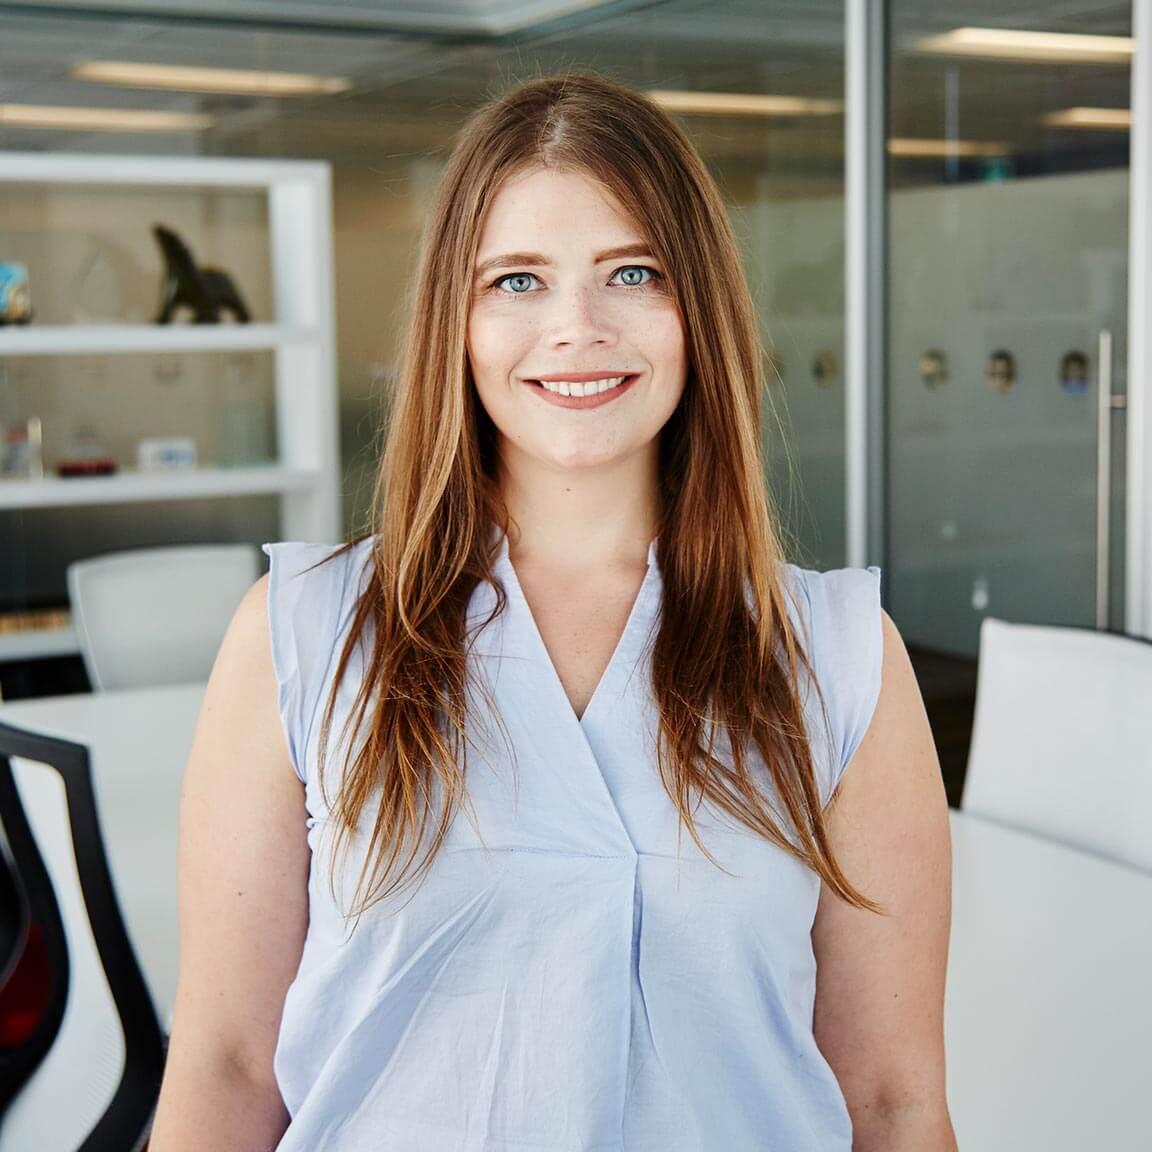 Kate Grant